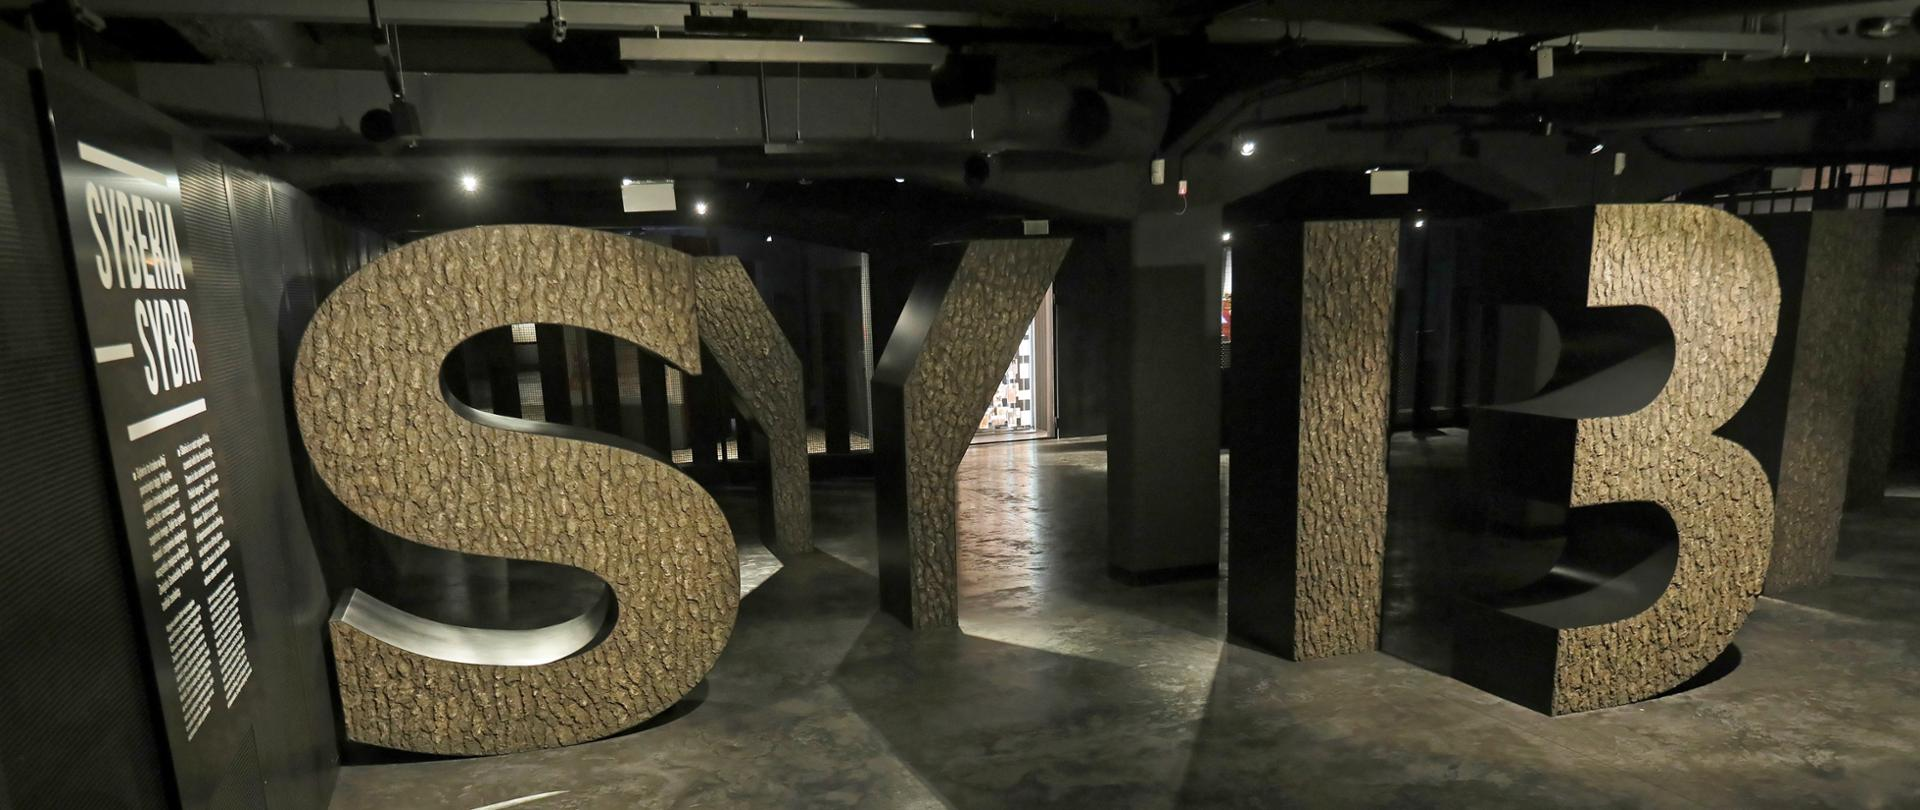 Muzeum Pamięci Sybiru powstaje dzięki ogromnemu wsparciu MKDNiS fot. PAP/Artur Reszko